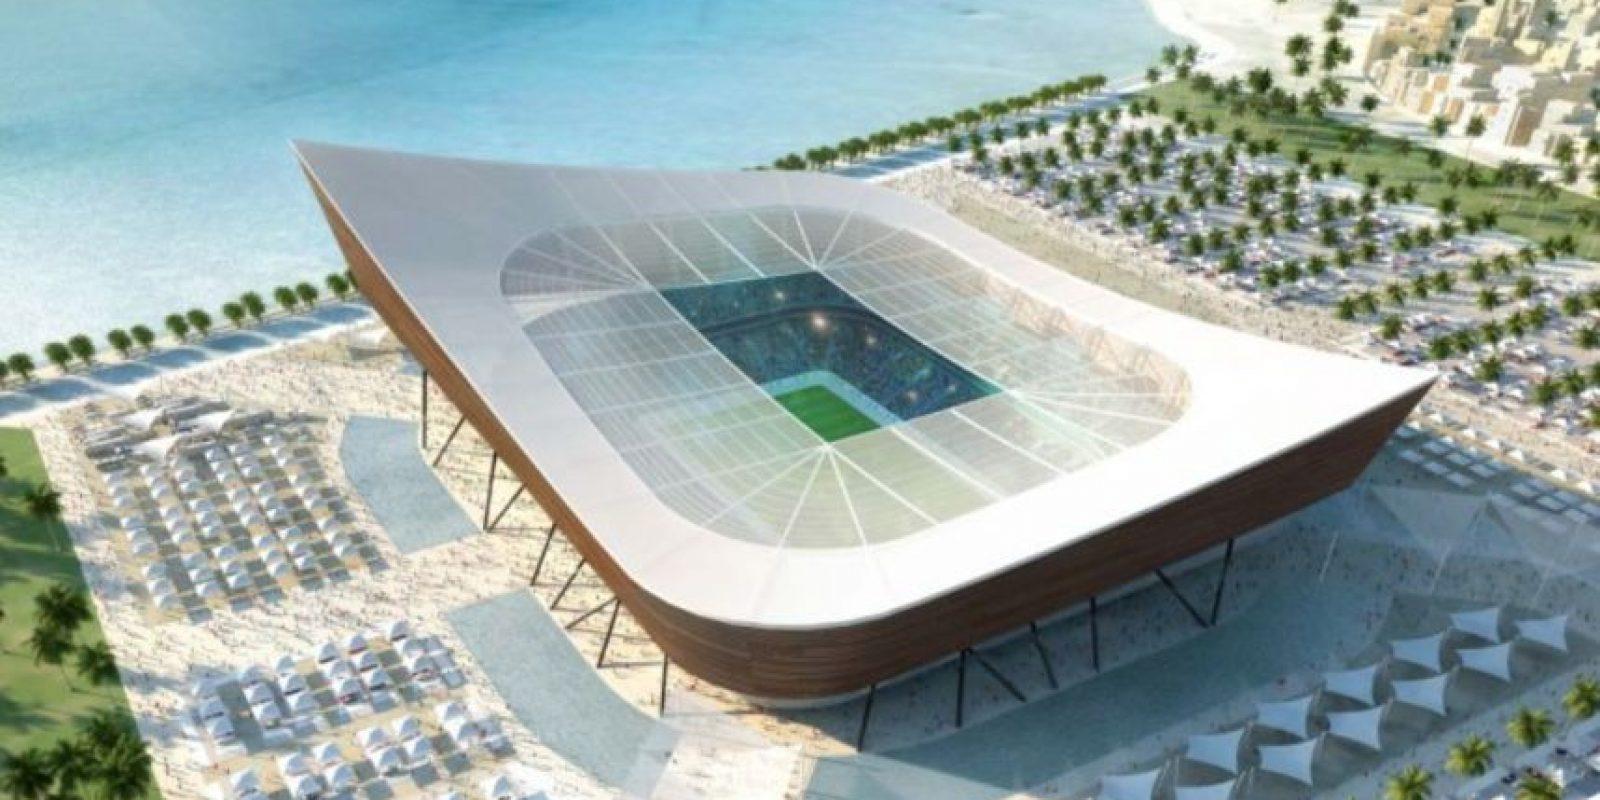 Sin embargo, un reporte del gobierno de Qatar, publicado por The Washington Post, menciona que solo han muerto 964 personas, que son migrantes y que no tienen relación con la construcción de estadios. Foto:Getty Images